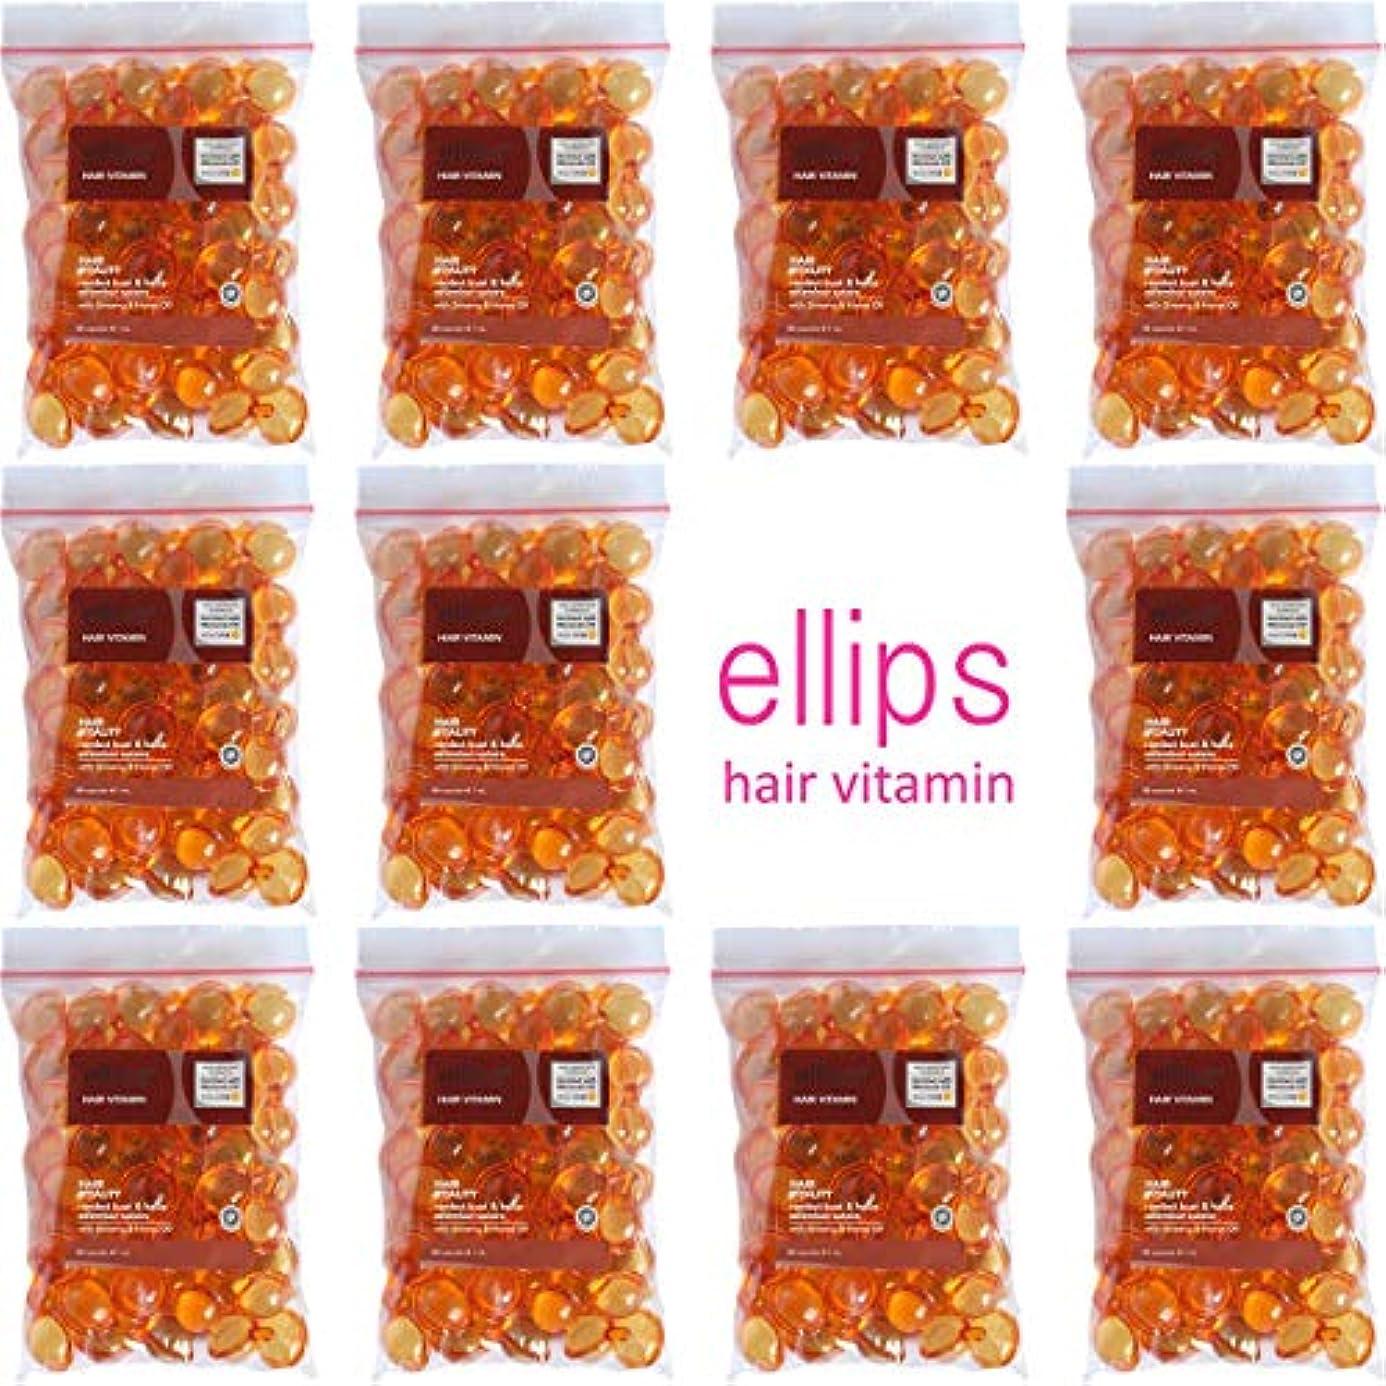 整然としたベットちっちゃいellips エリプス エリップス ヘアビタミン ヘアオイル 洗い流さないトリートメント 袋詰め 50粒入×11個セット ブラウン [海外直送品]